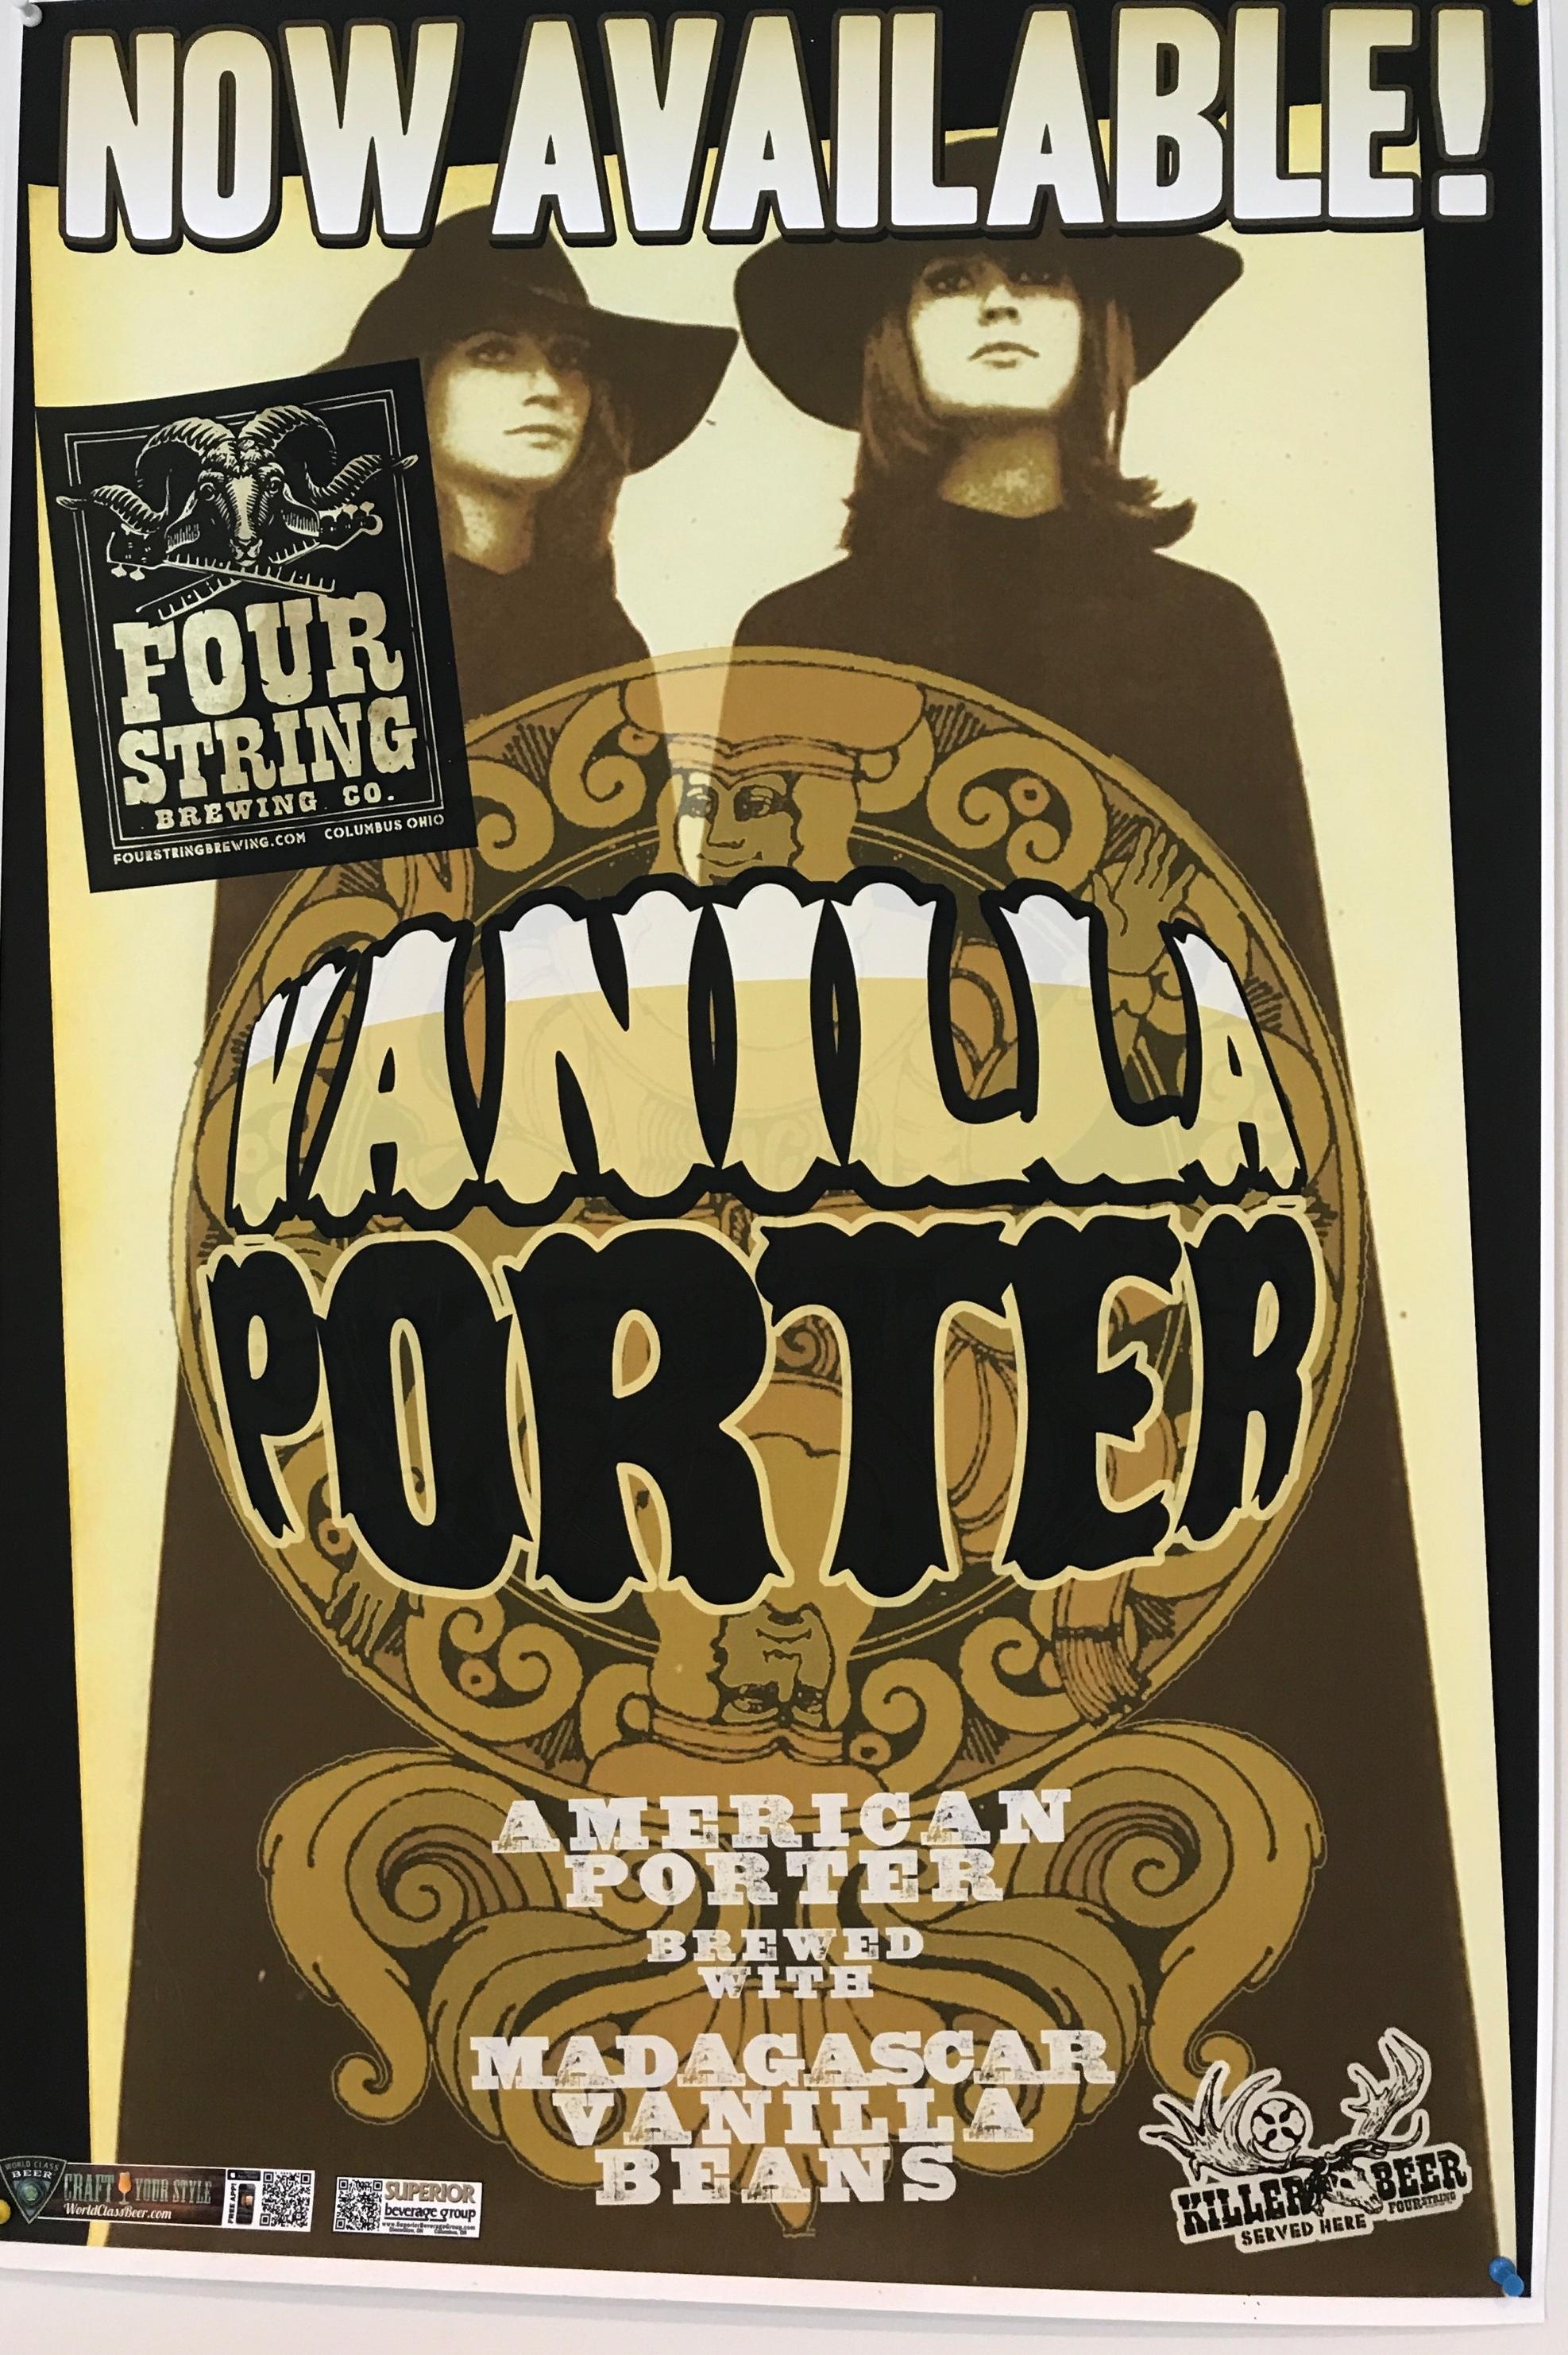 Vanilla Porter - our favorite!